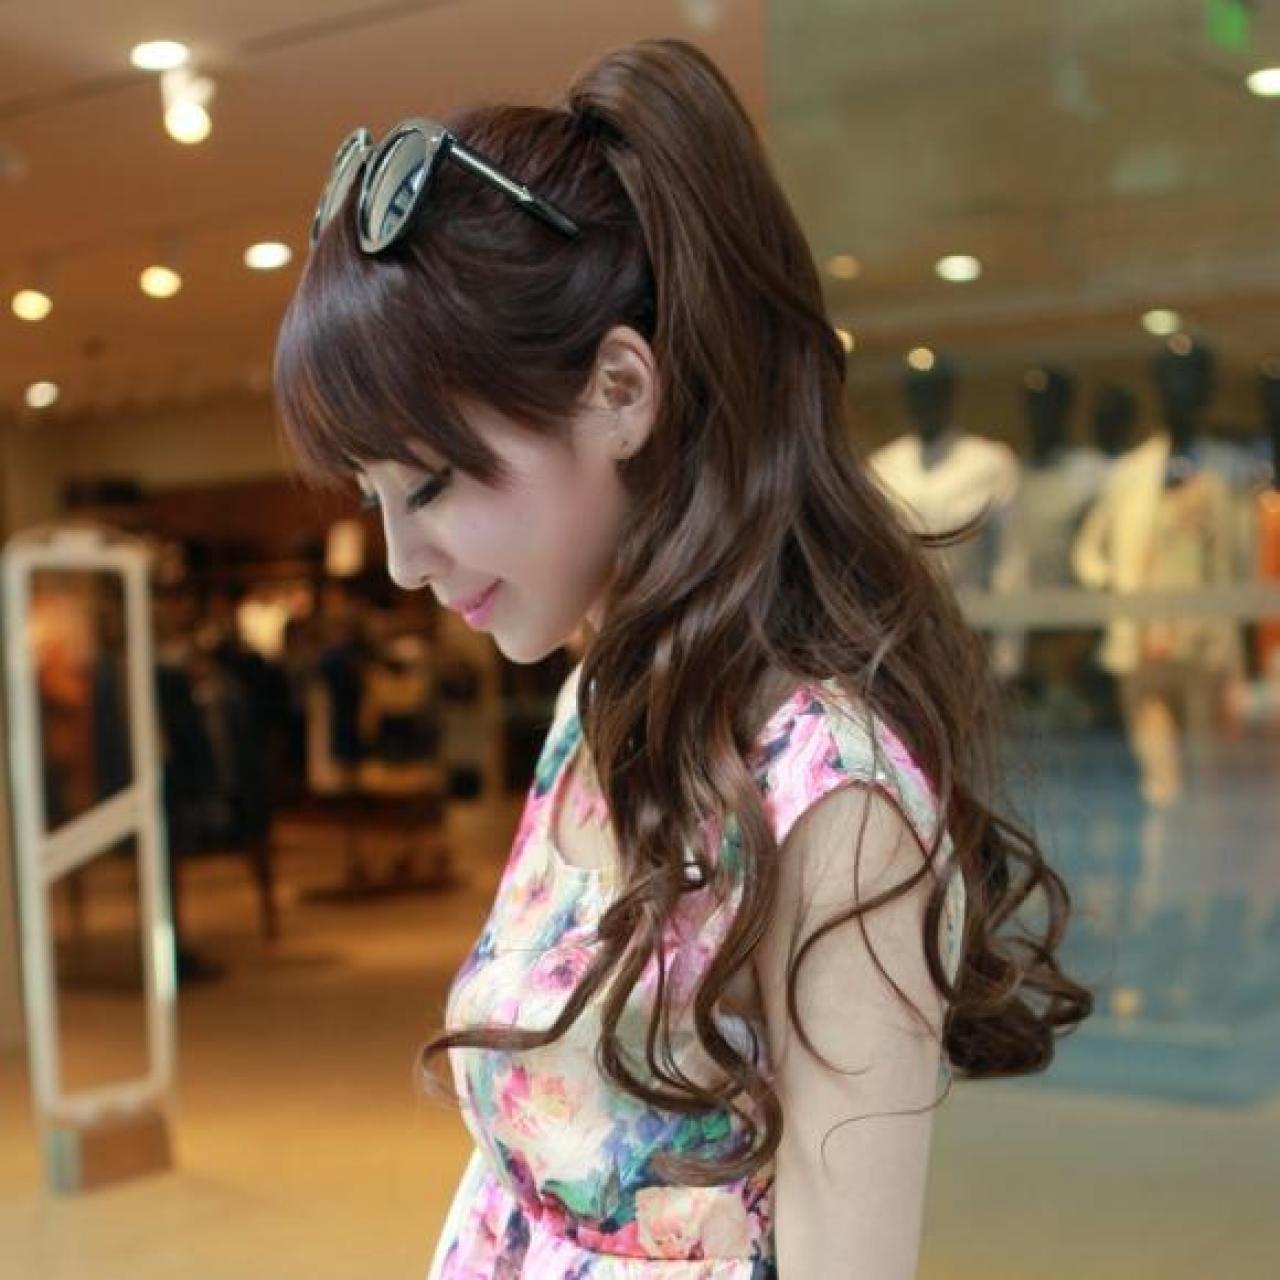 Kiểu tóc dài uốn xoăn đuôi buộc đẹp nhất